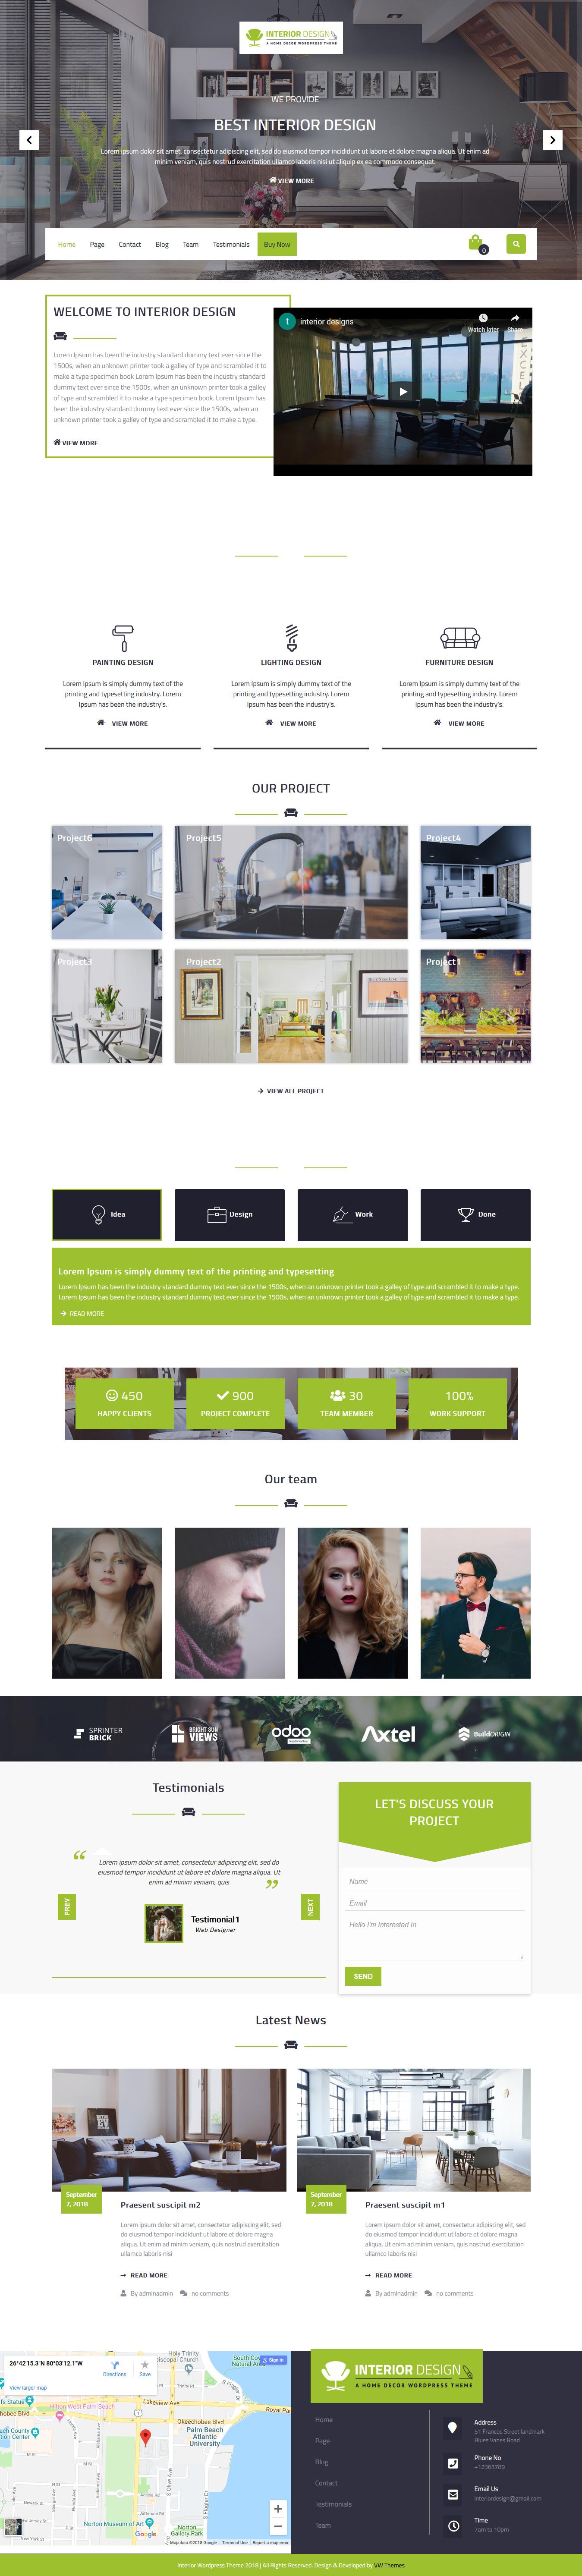 vw interior designs best free architecture wordpress theme - 10+ Best Free Architecture WordPress Themes